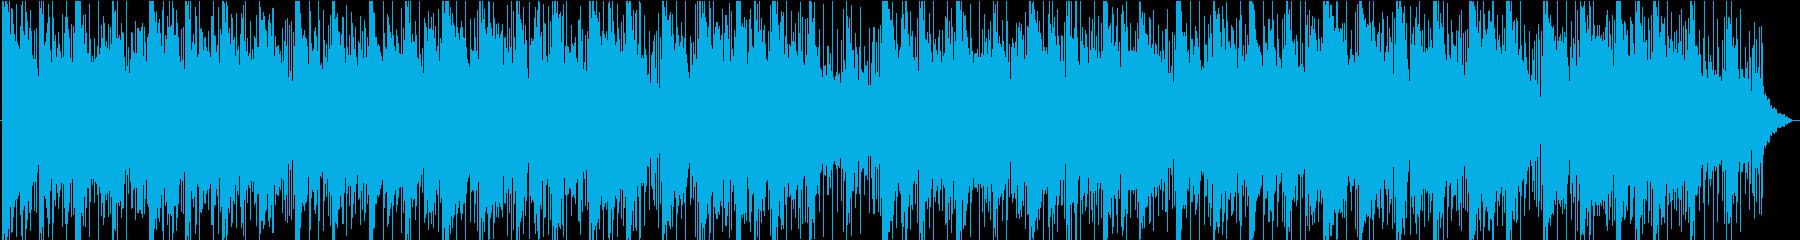 幻想的で壮大な黒田節調の和風オリジナルの再生済みの波形